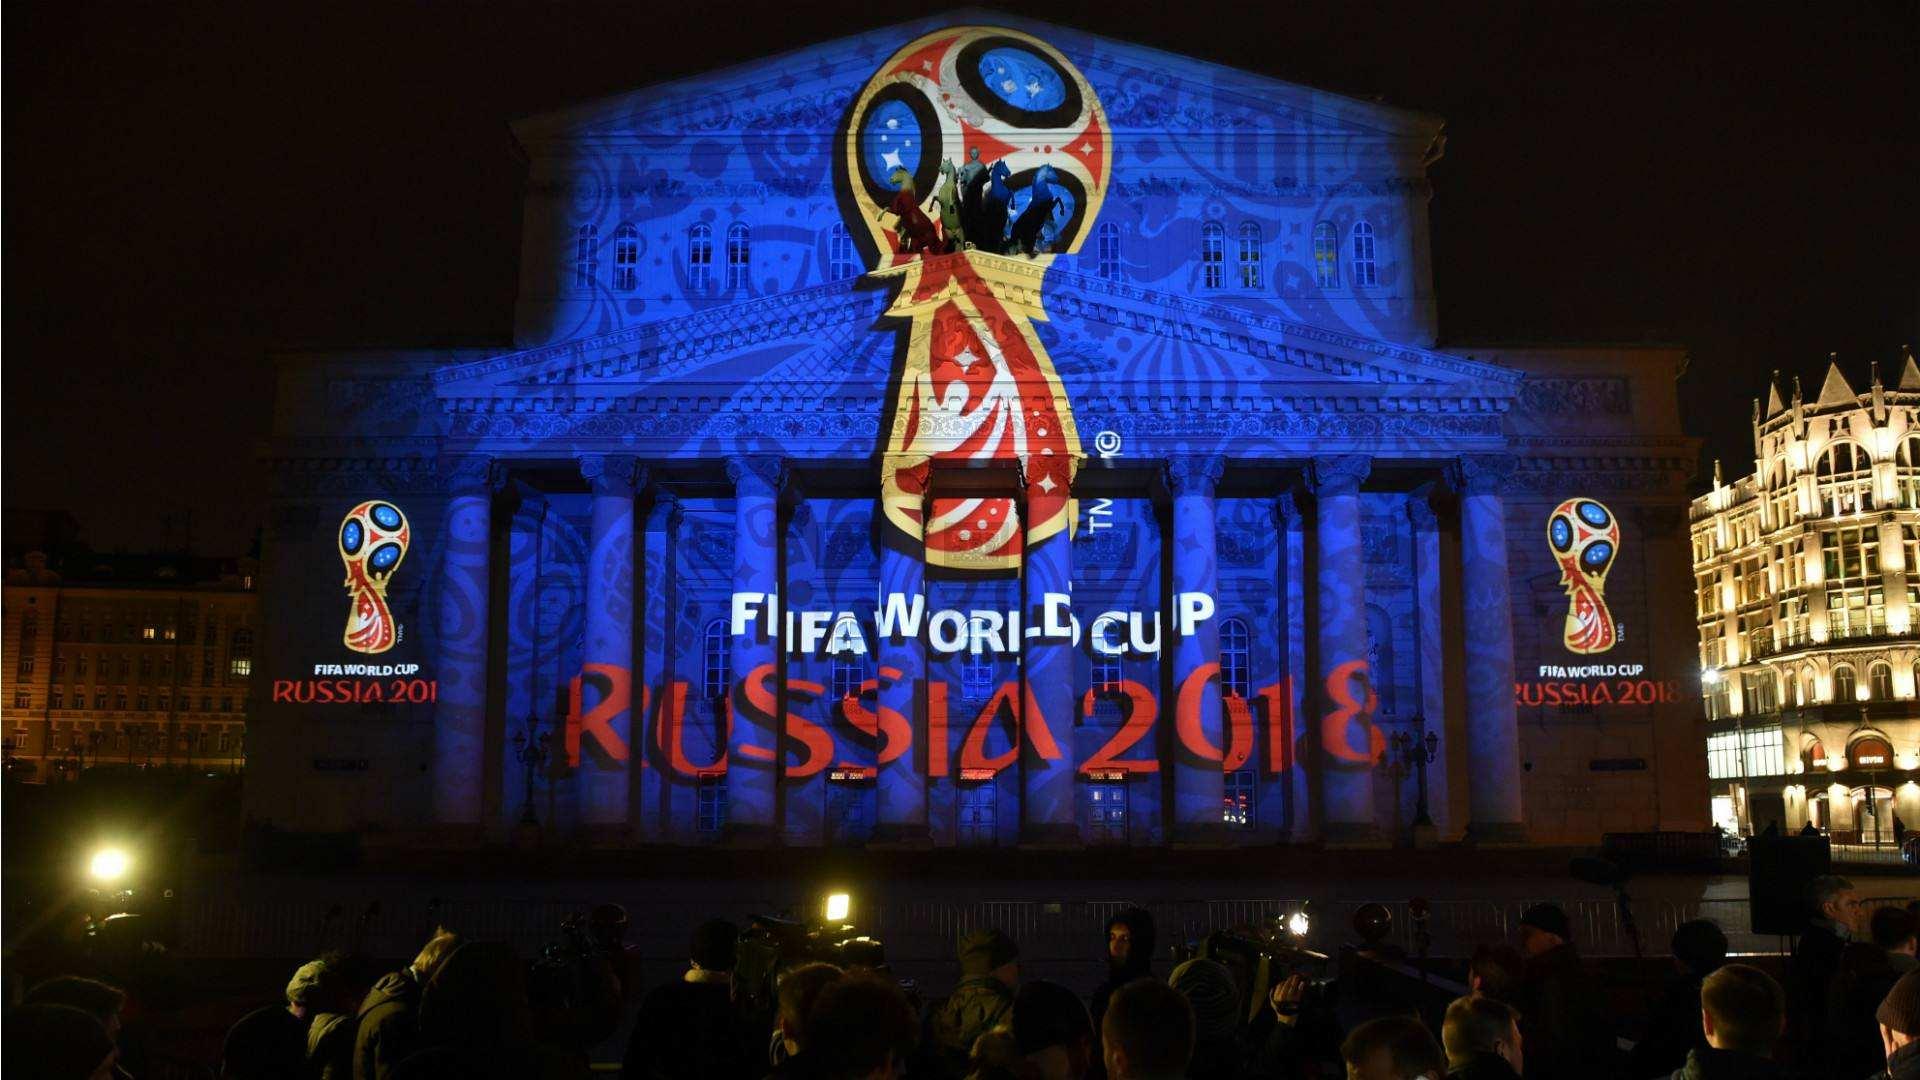 俄罗斯世界杯收获全球赞誉